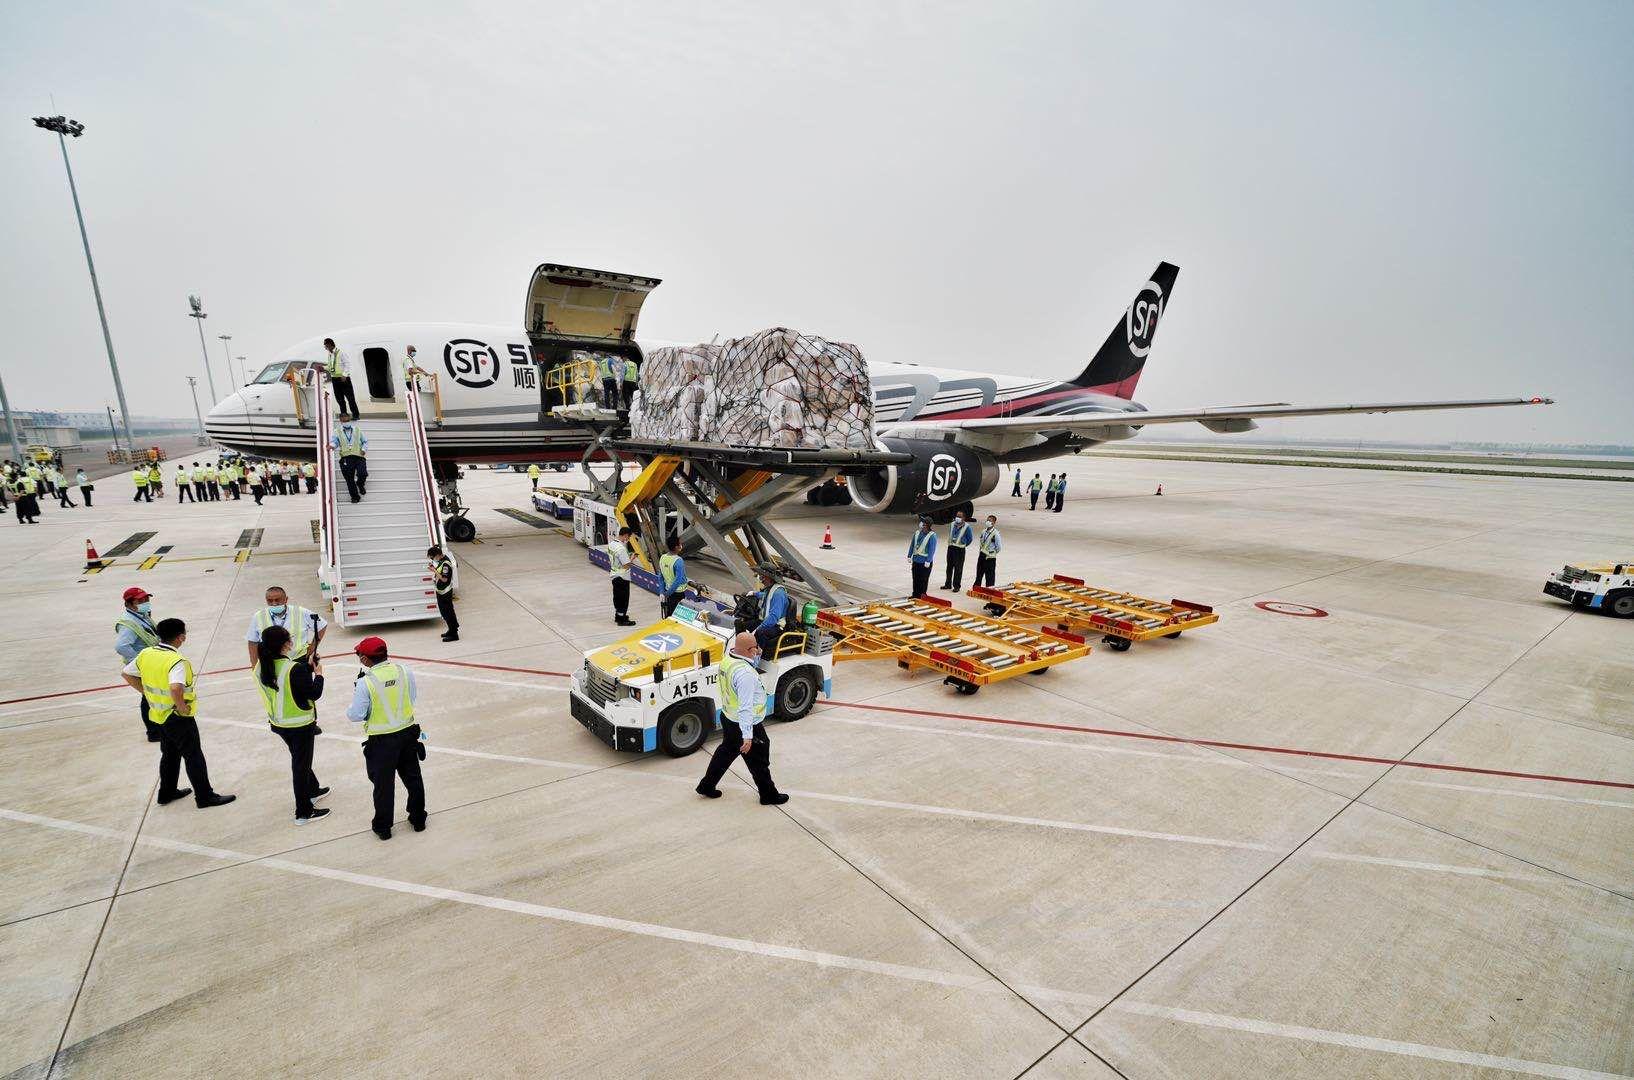 北京大兴机场开通首条货运航线 将与首都机场货运错位发展图片